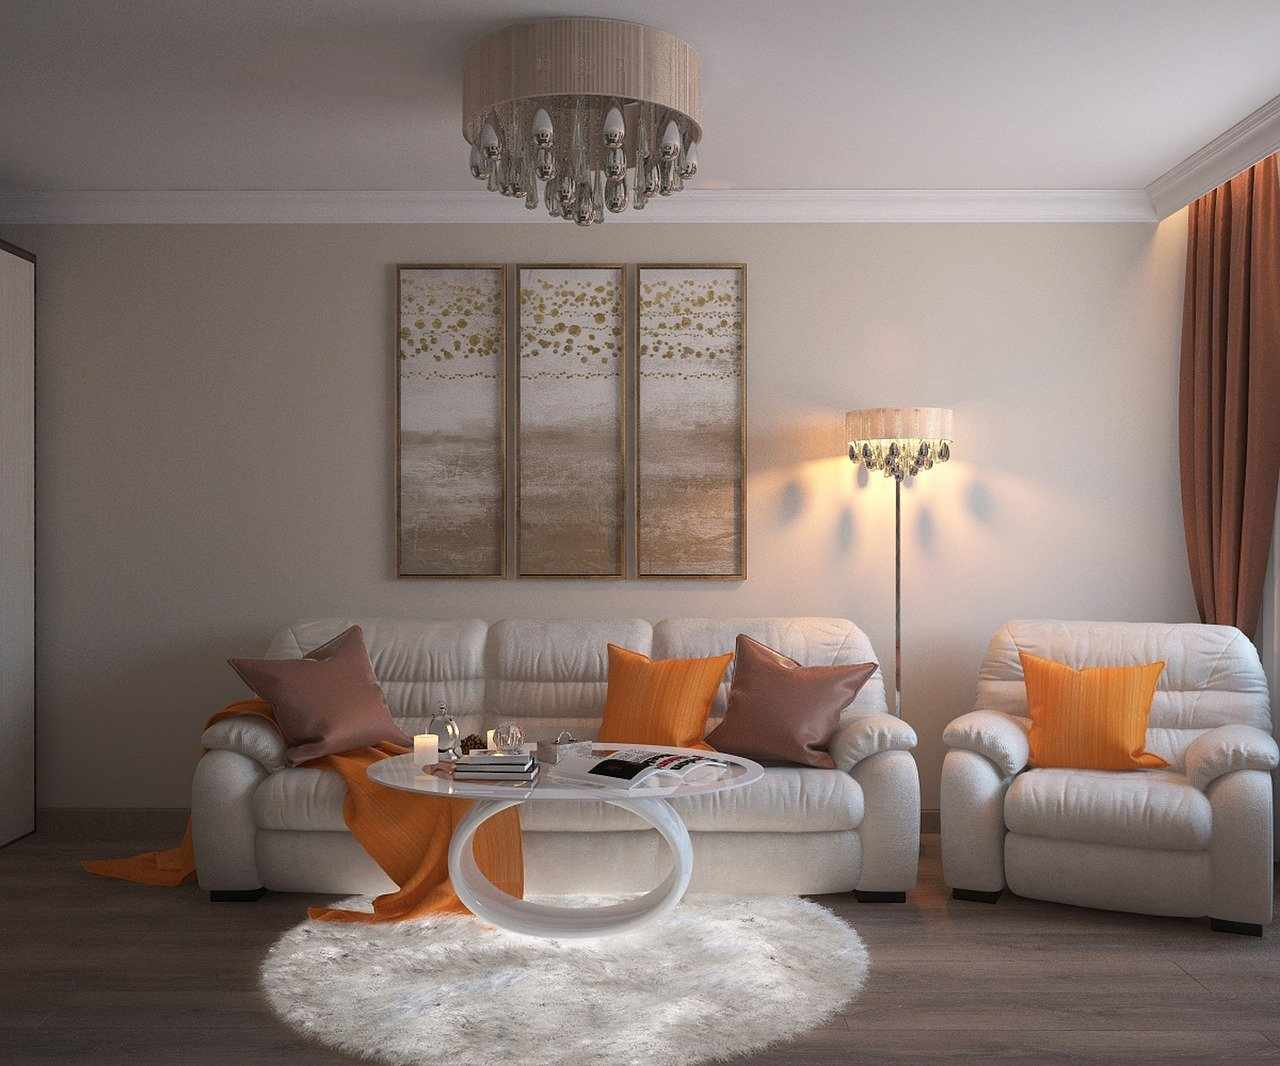 Оранжевые подушки на белой мягкой мебели